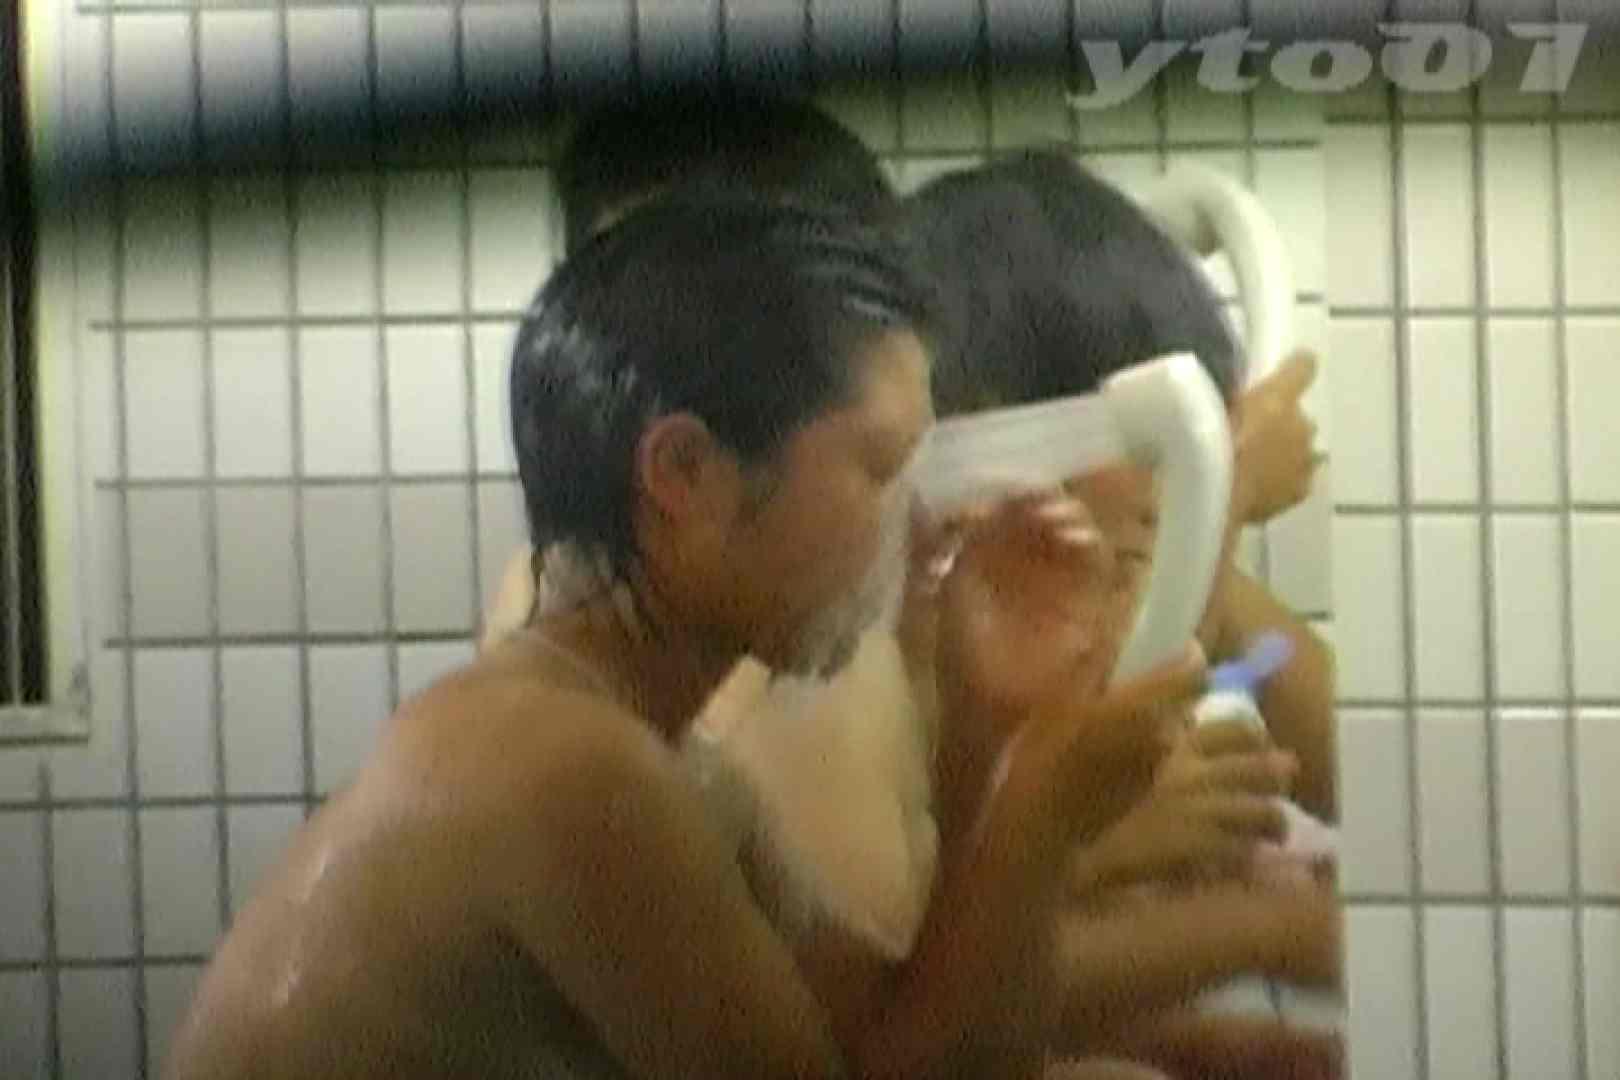 ▲復活限定▲合宿ホテル女風呂盗撮 Vol.02 期間限定 盗み撮り動画キャプチャ 70PIX 38